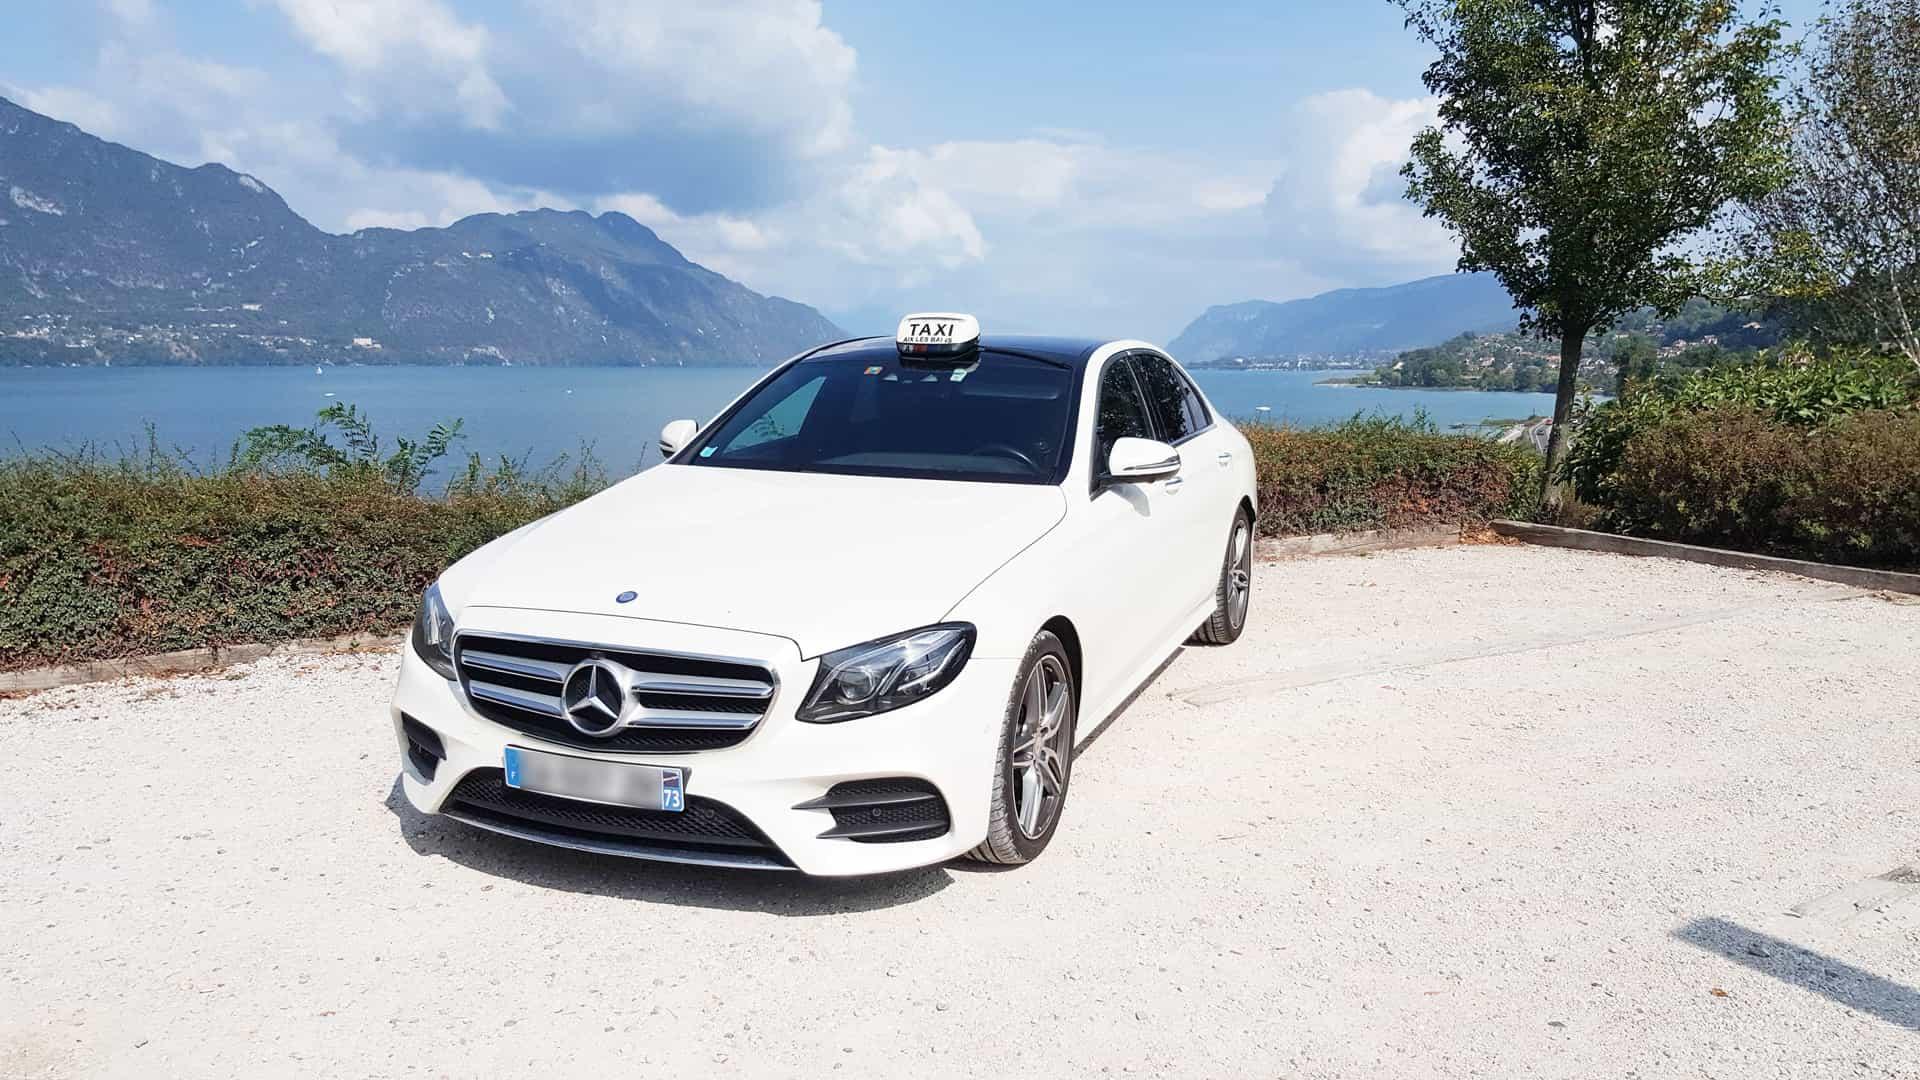 Transport avec chauffeur privé en Savoie